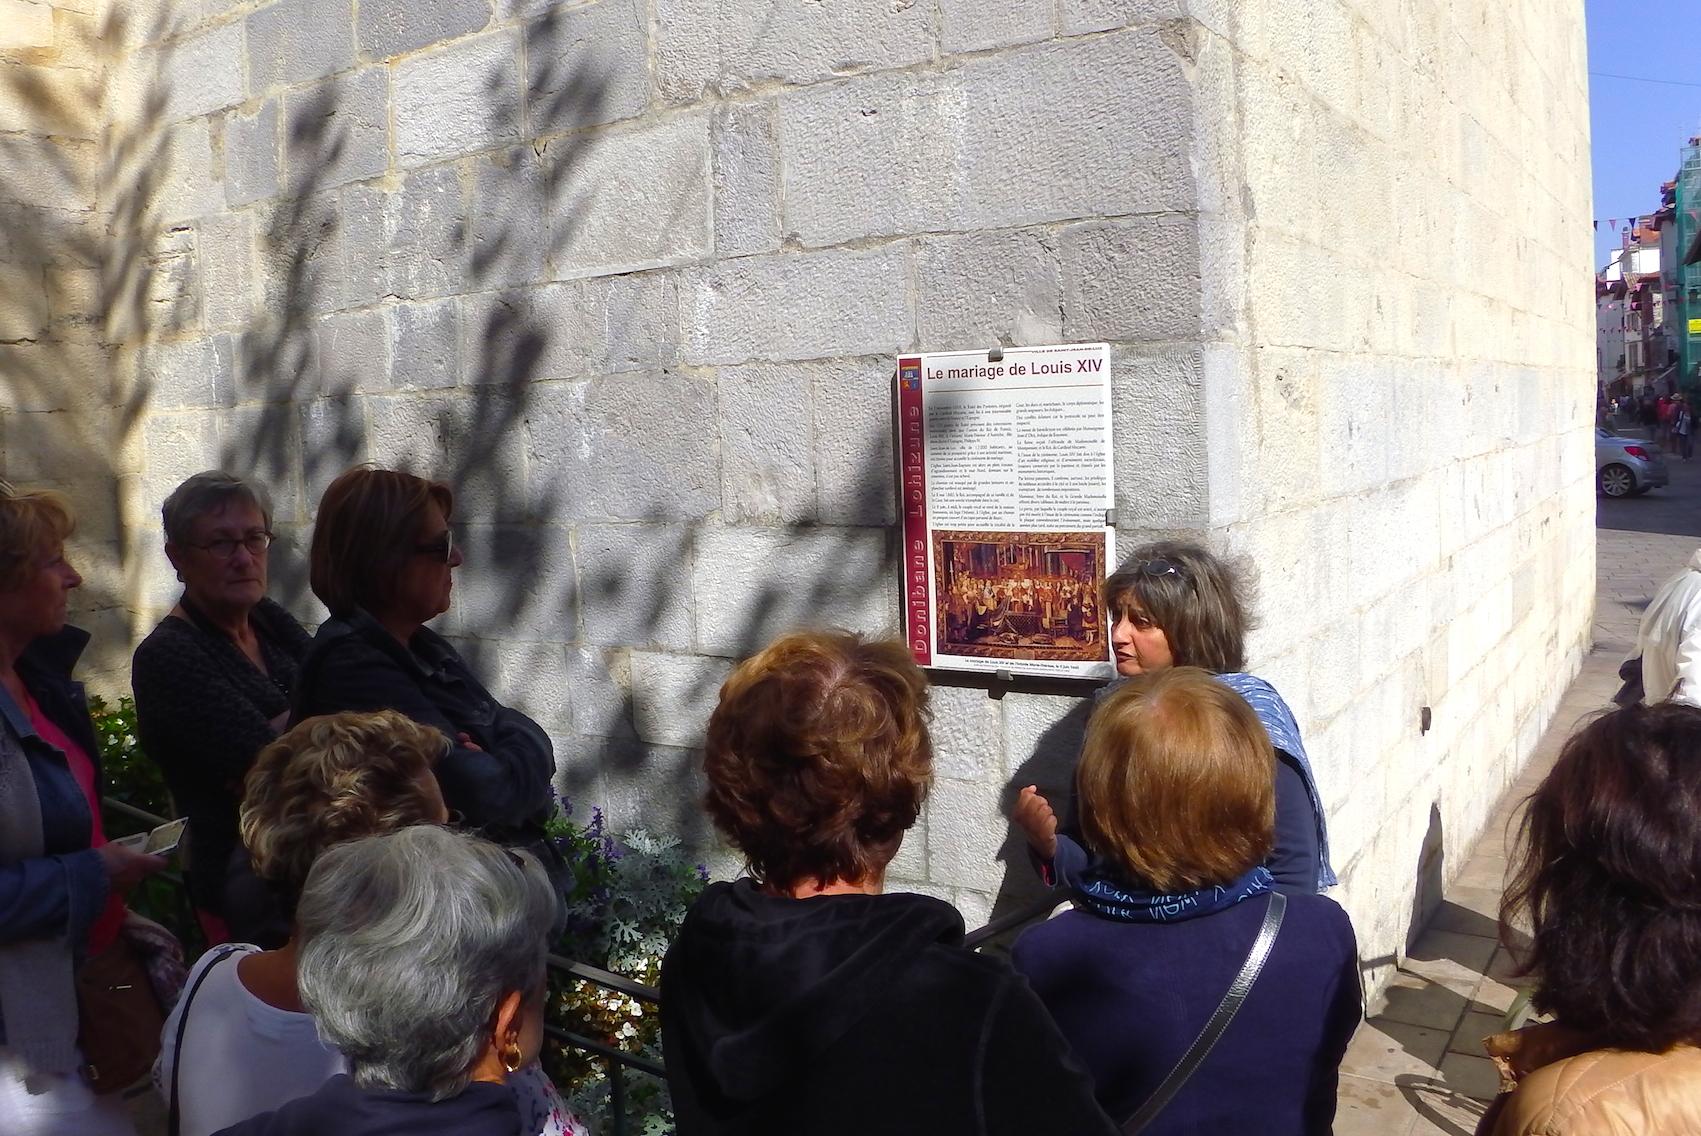 journée-visite-guidée-saint-jean-de-luz-agence-voyage-pays-basque-20